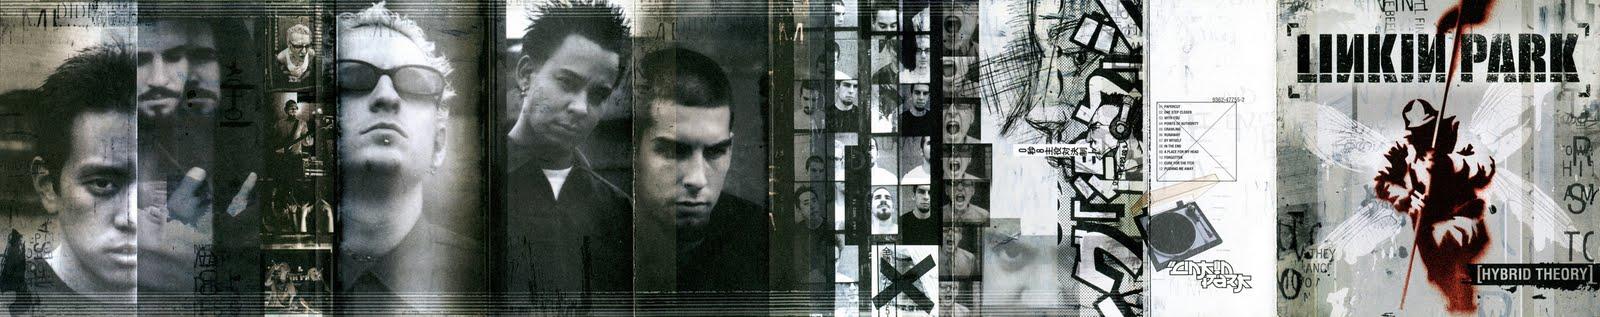 Linkin Park Hybrid Theory Album Kostenlos Mp3 Herunterladen